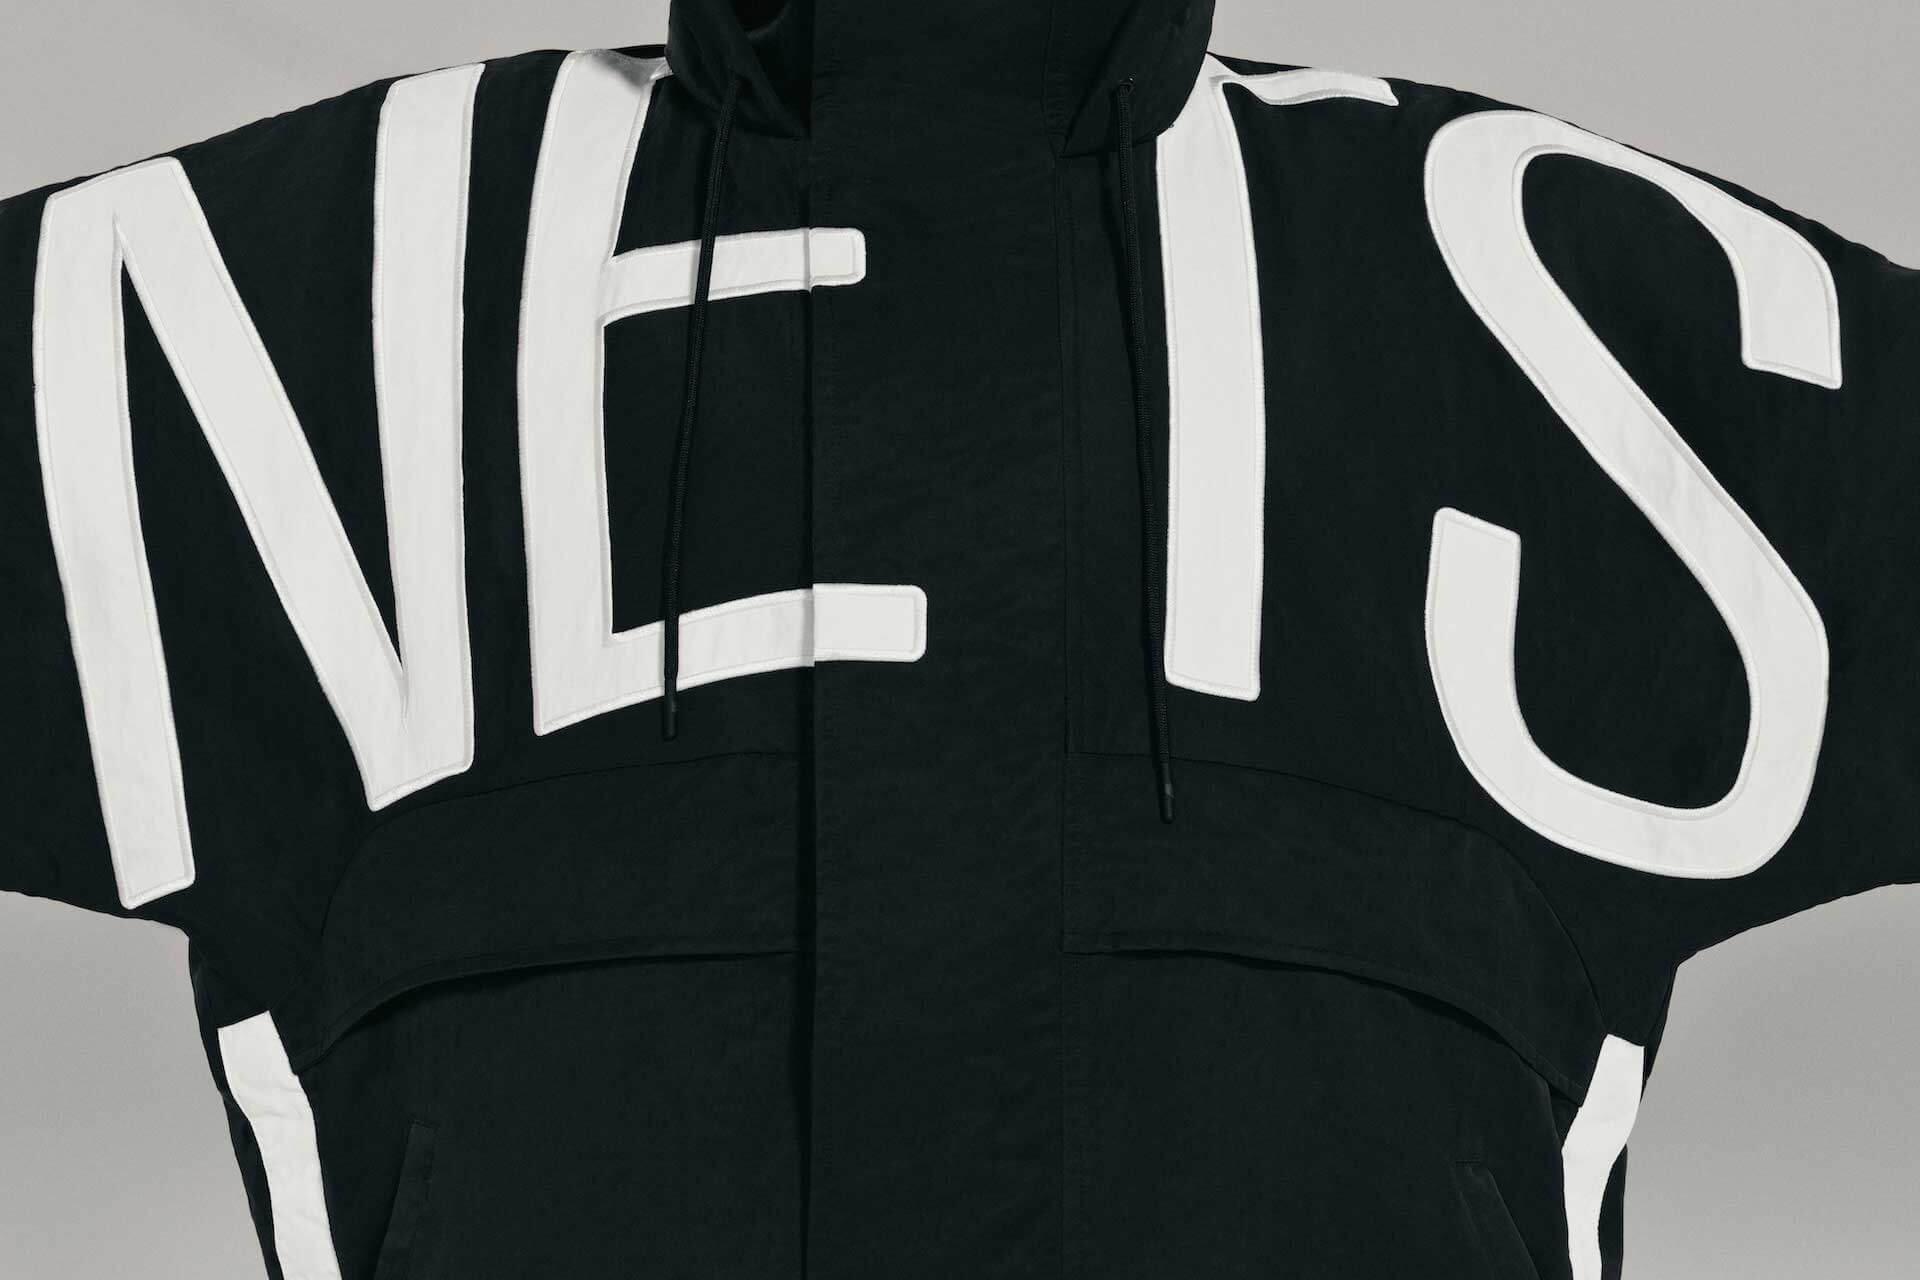 AMBUSH®からNBAとNIKEがYOONと共同でデザインした『NIKE x AMBUSH NBAコレクション』 を発表!NIKE DUNK HIも同時発 fashion2020124_nike_ambushnba_9